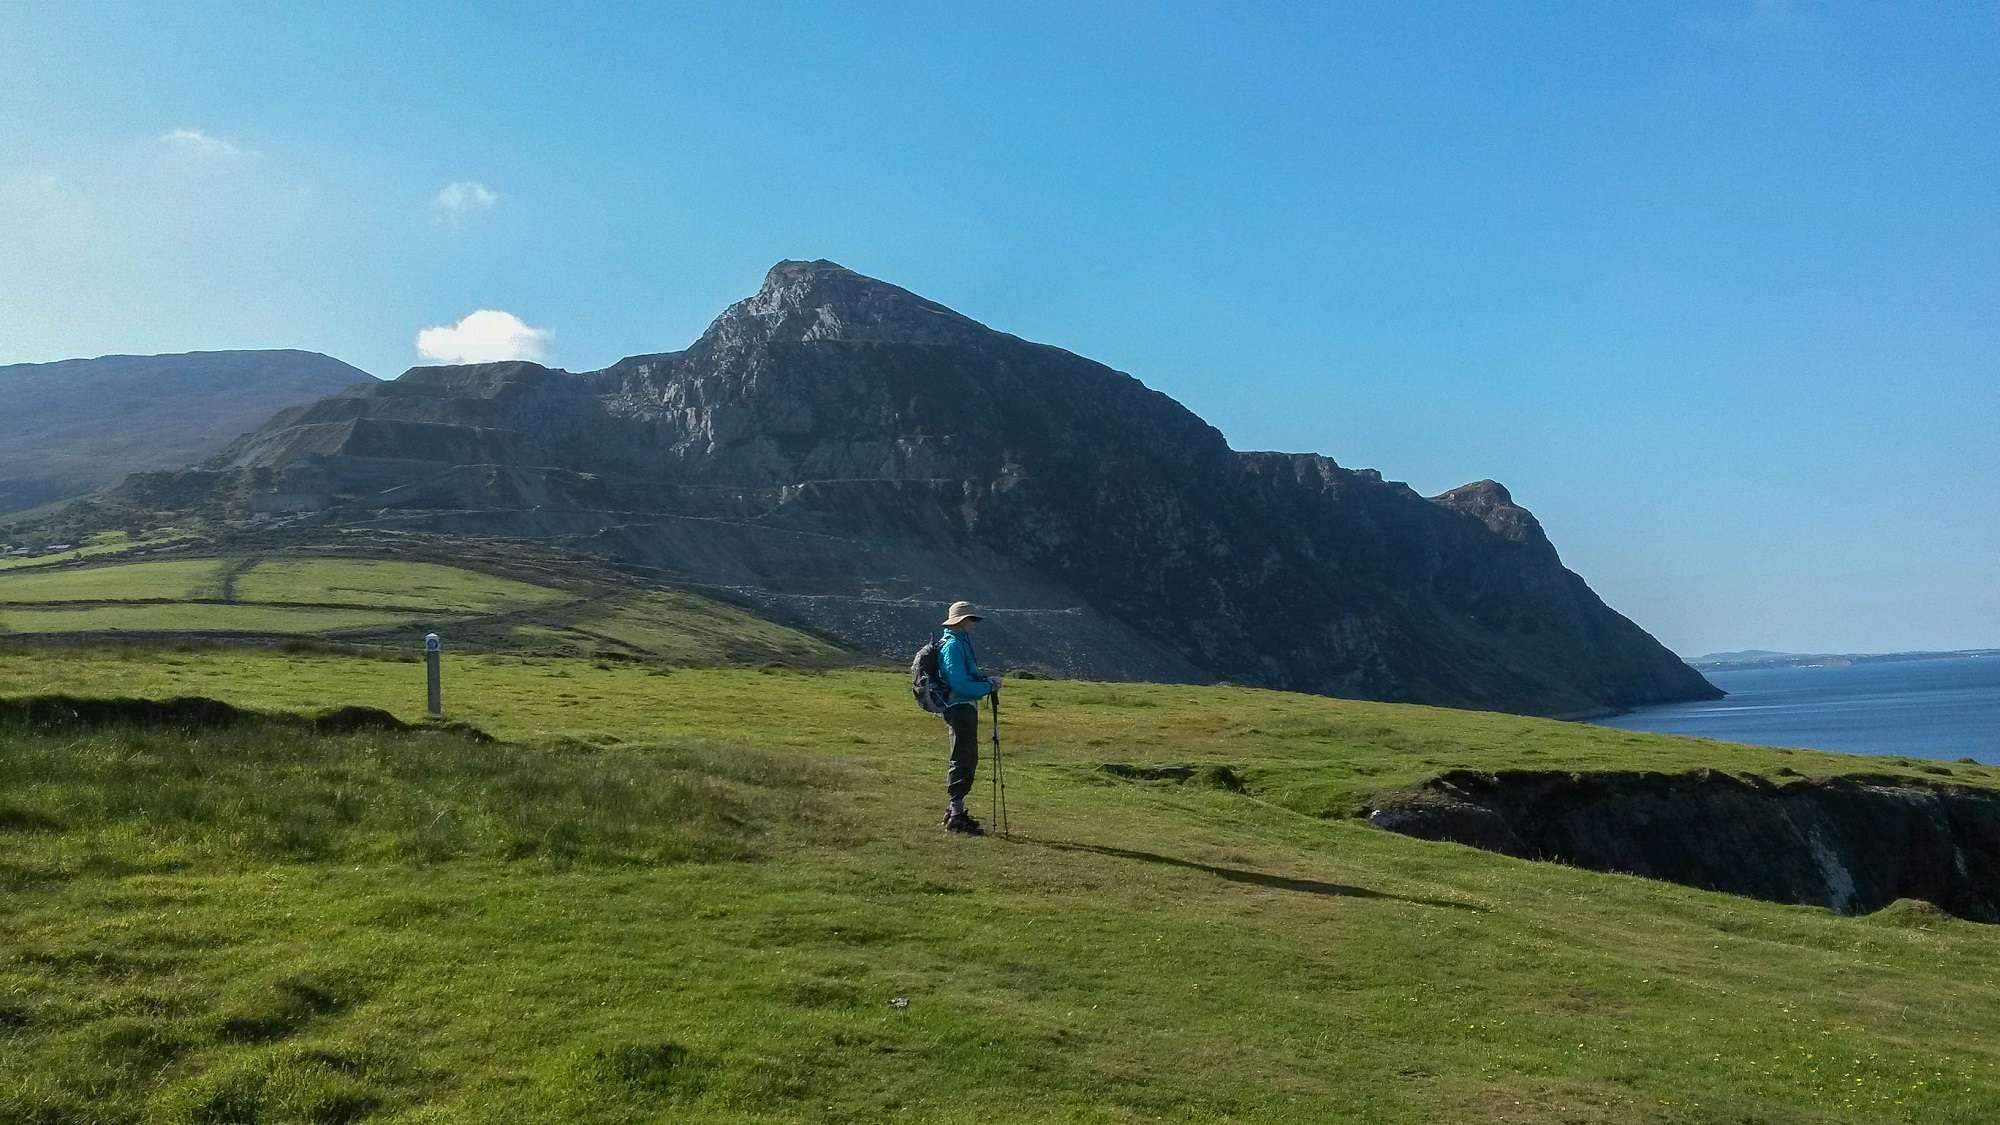 walkers on the llyn peninsula